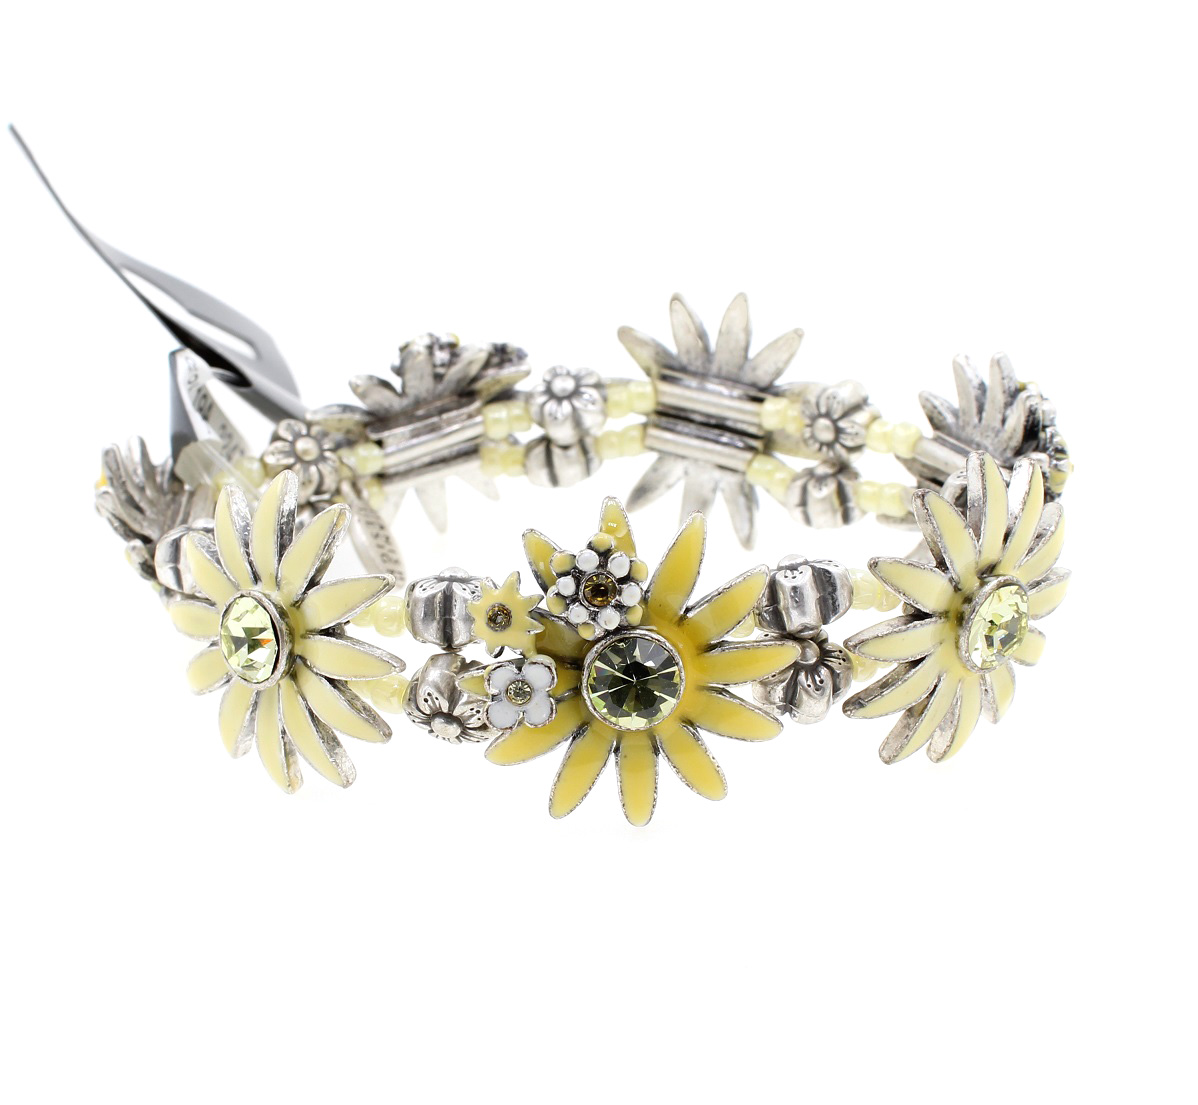 PILGRIM - Daisy - Stretch Bracelet - Oxidised Silver Plate/Yellow BNWT